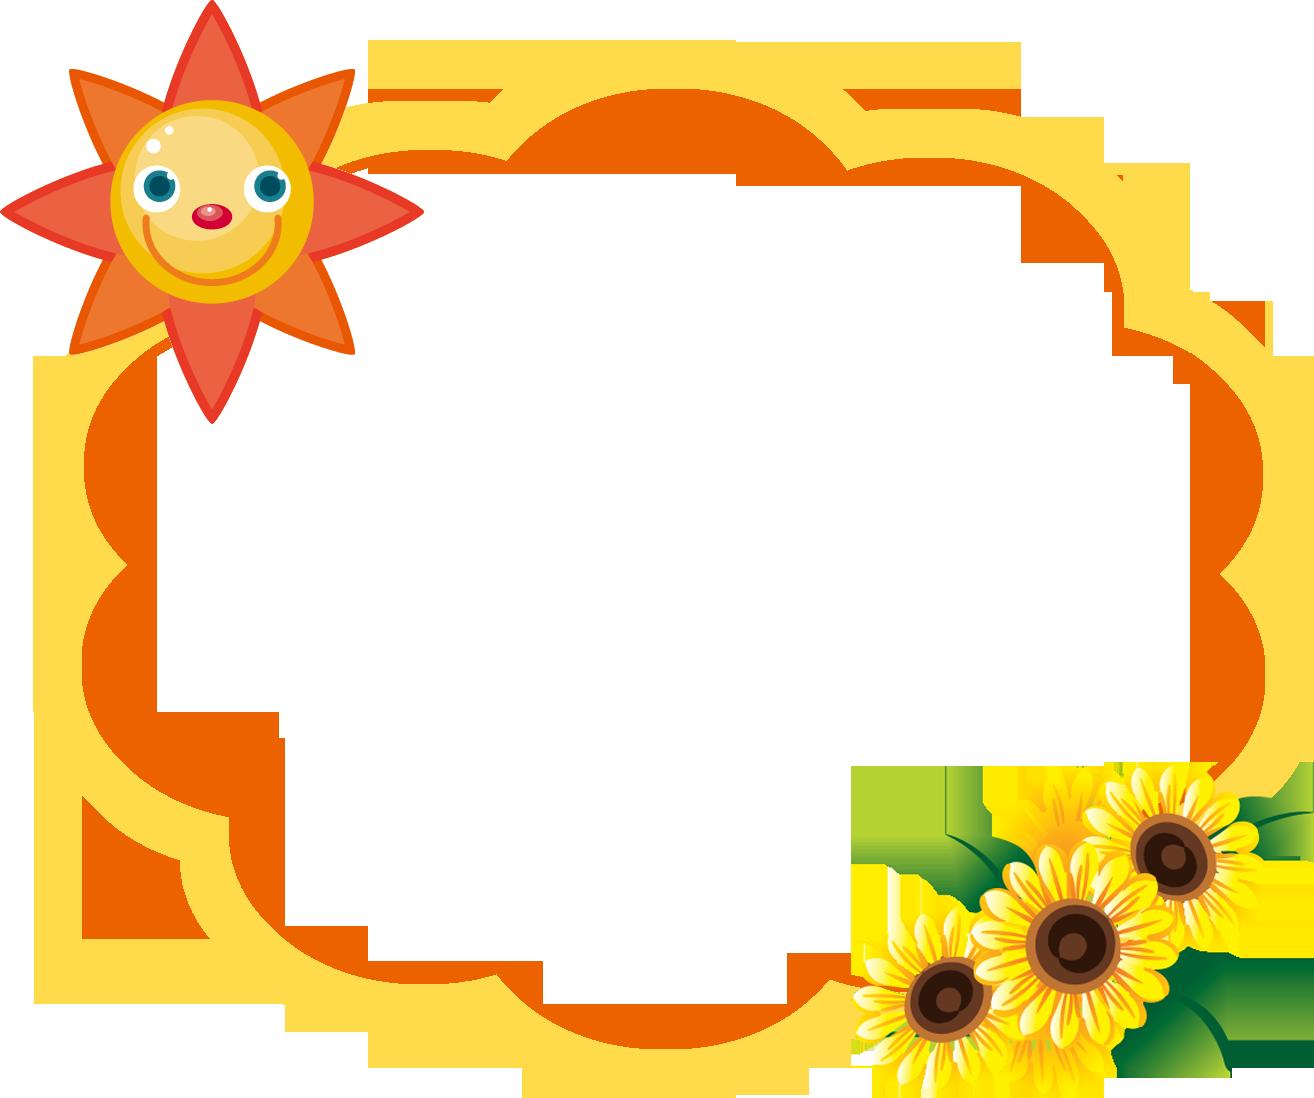 無料のフリー素材集【花鳥風月 ... : 夏休み自由 : 夏休み